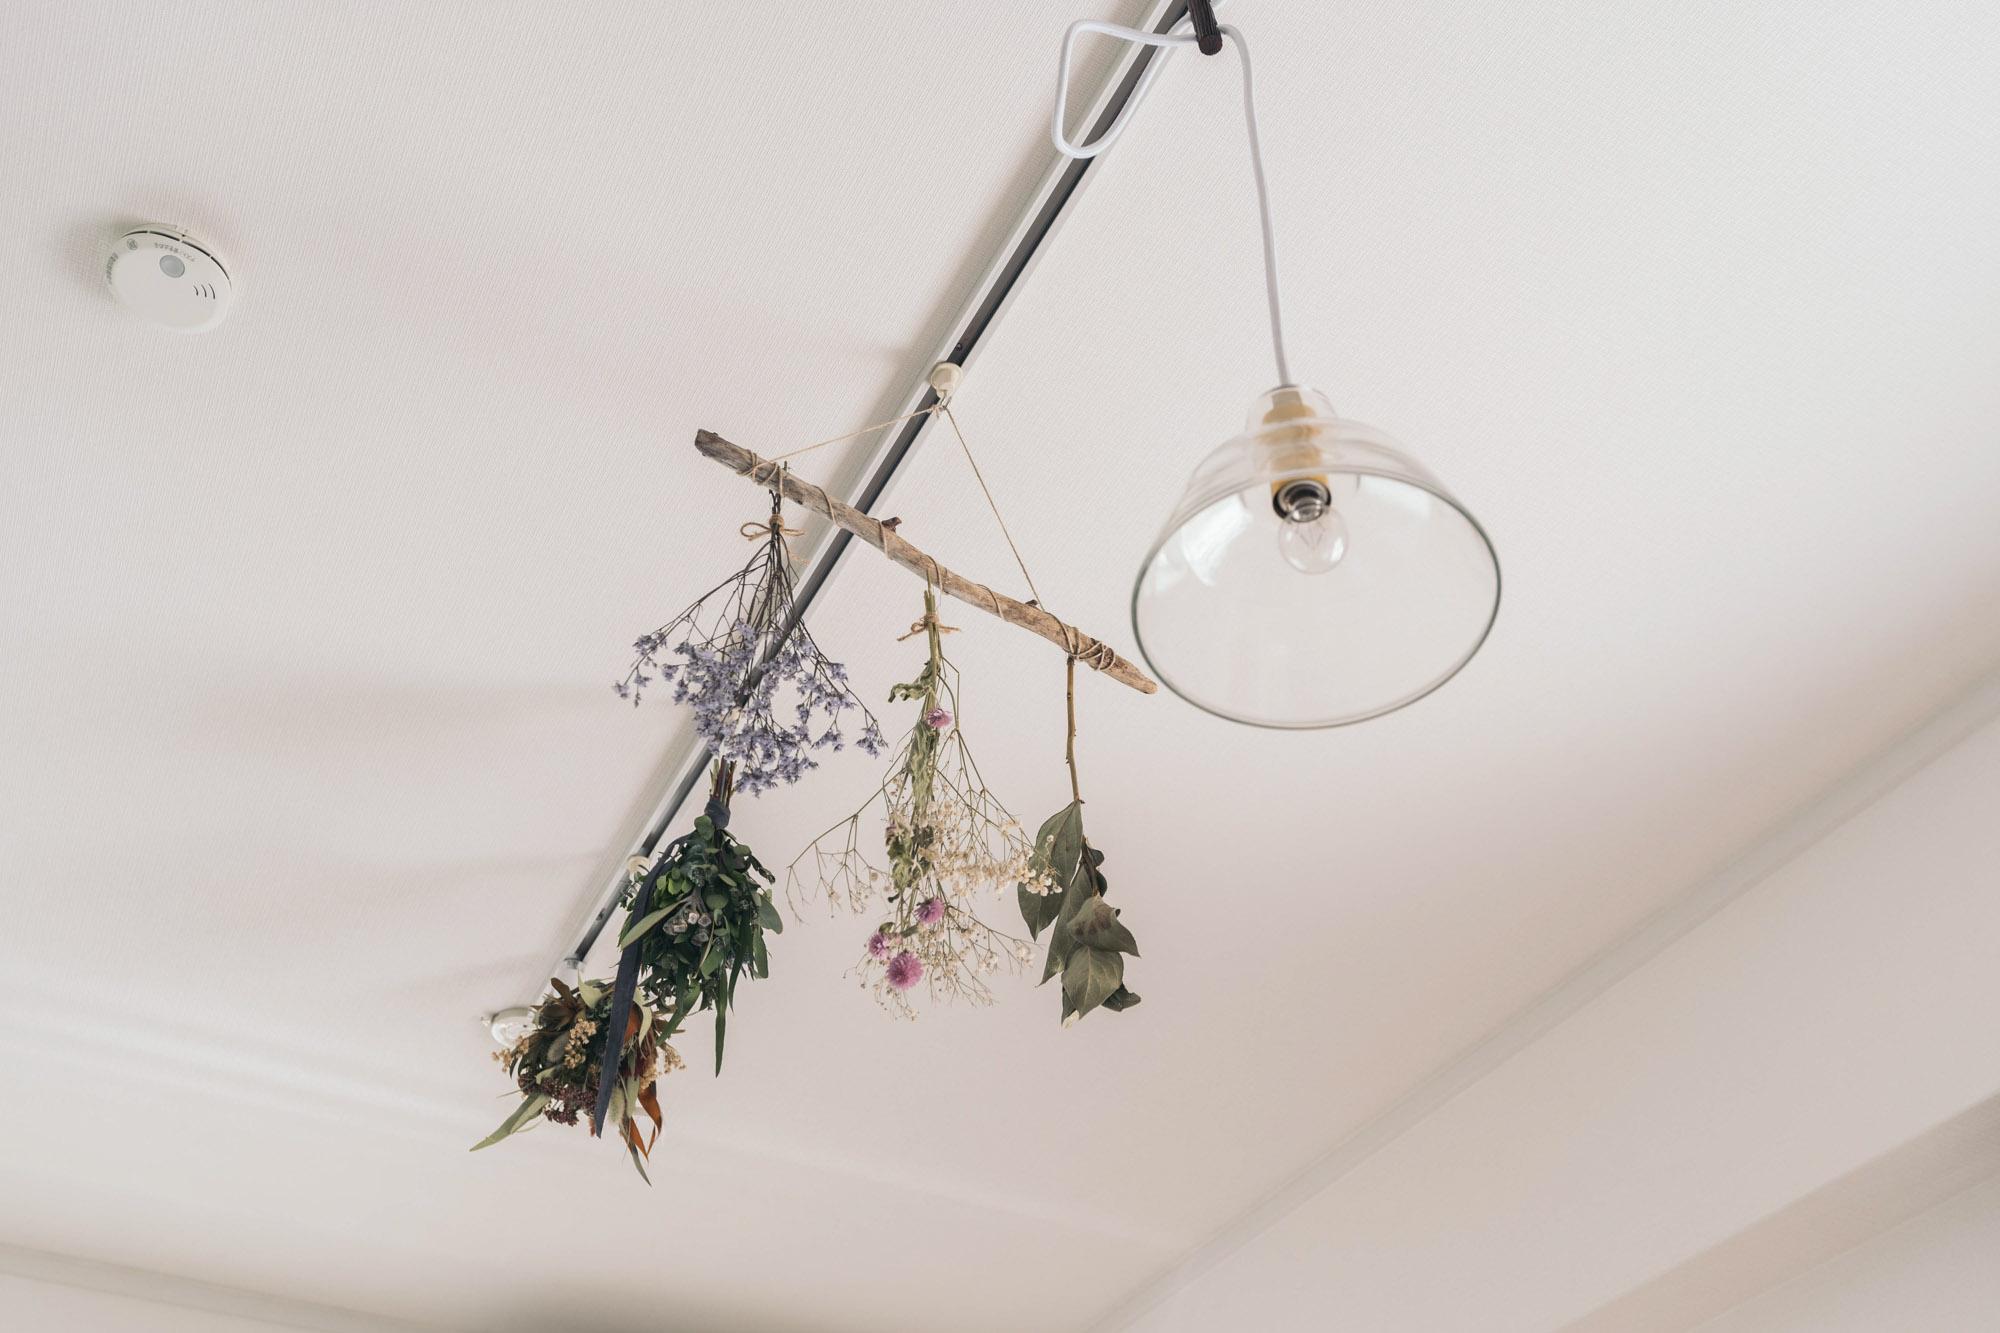 専用のフックを使って、ドライフラワーのスワッグを飾り楽しまれているお部屋